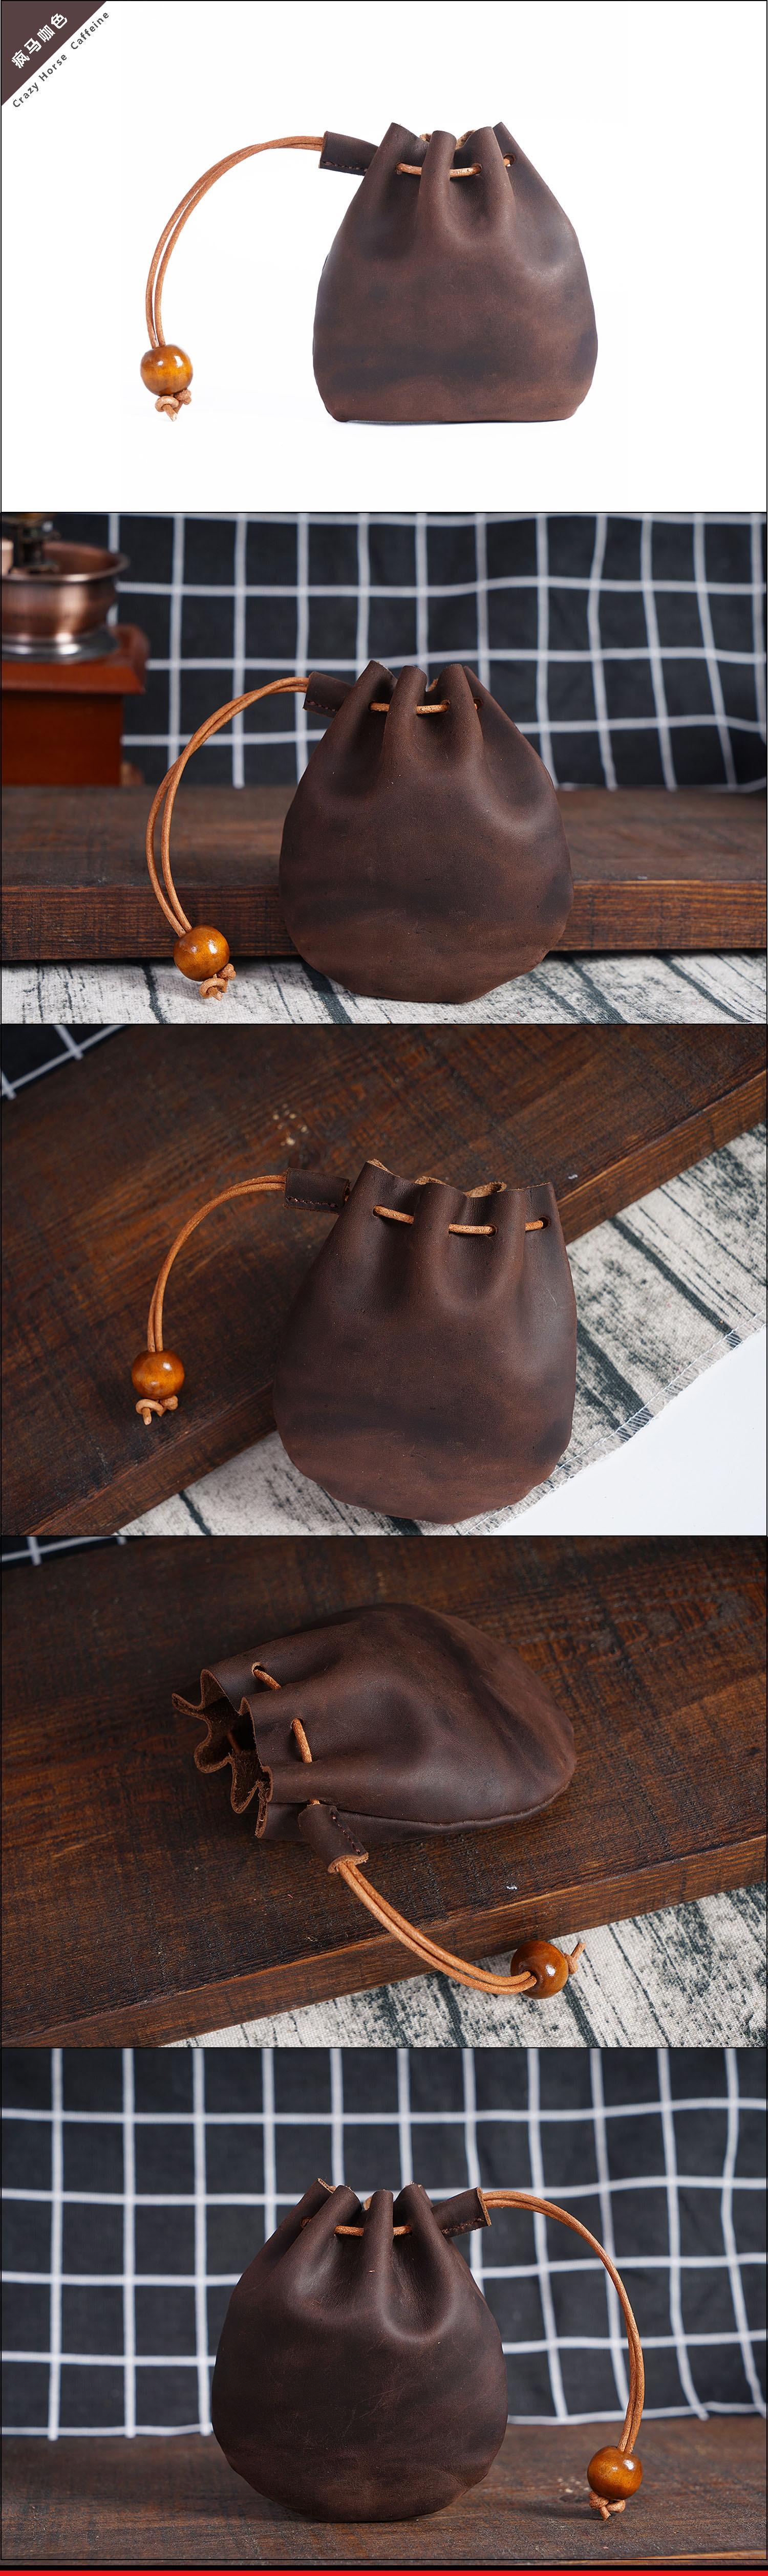 bolsa moda designer bolsas de moedas suportes